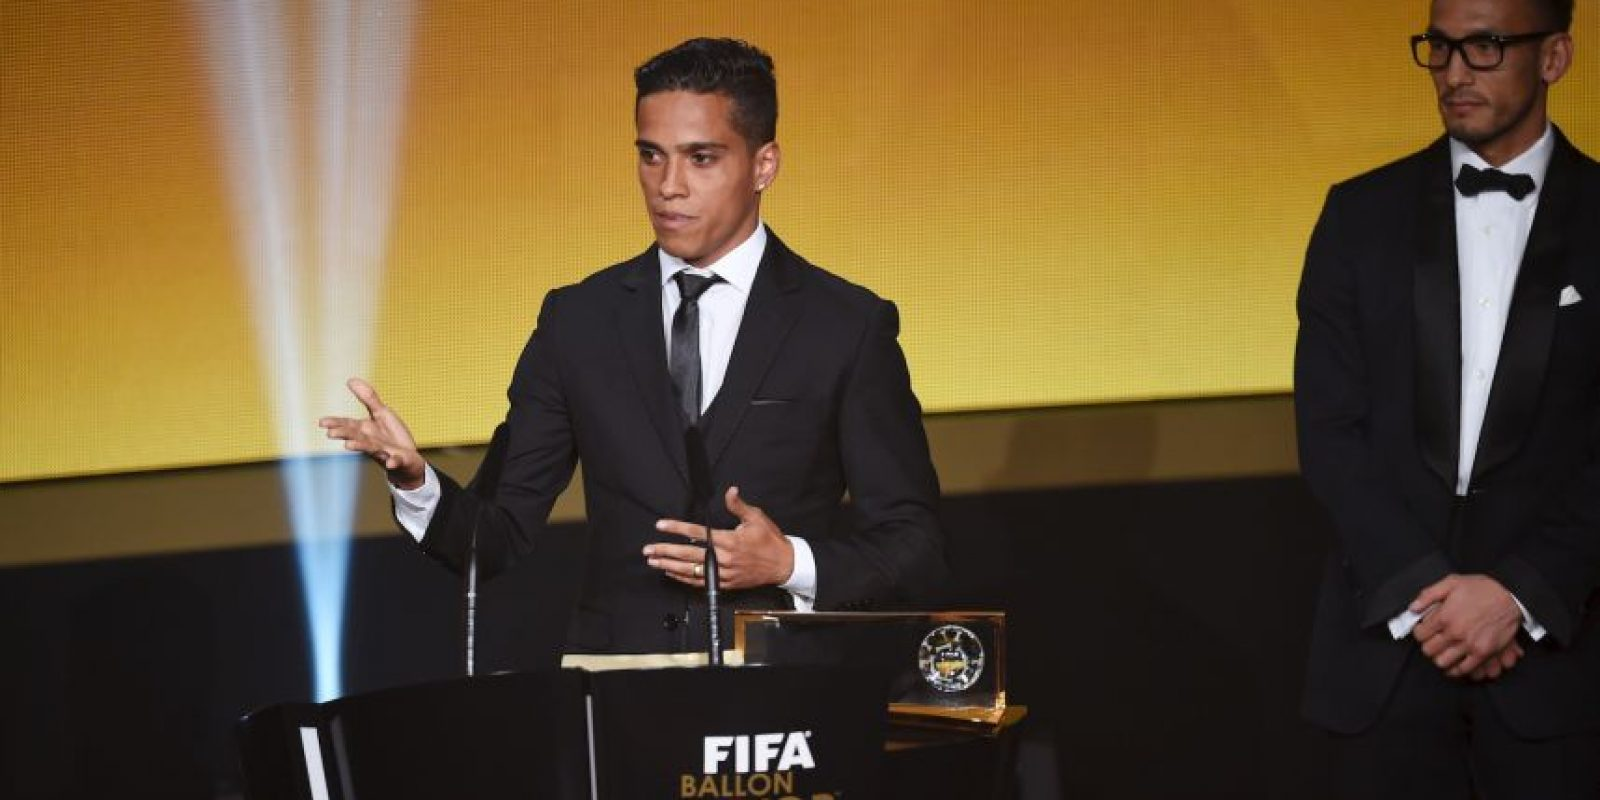 Sin embargo, a seis meses de ese logro, se retiró del fútbol a sus 27 años y ahora se transformará en un youtuber gamer Foto:Getty Images